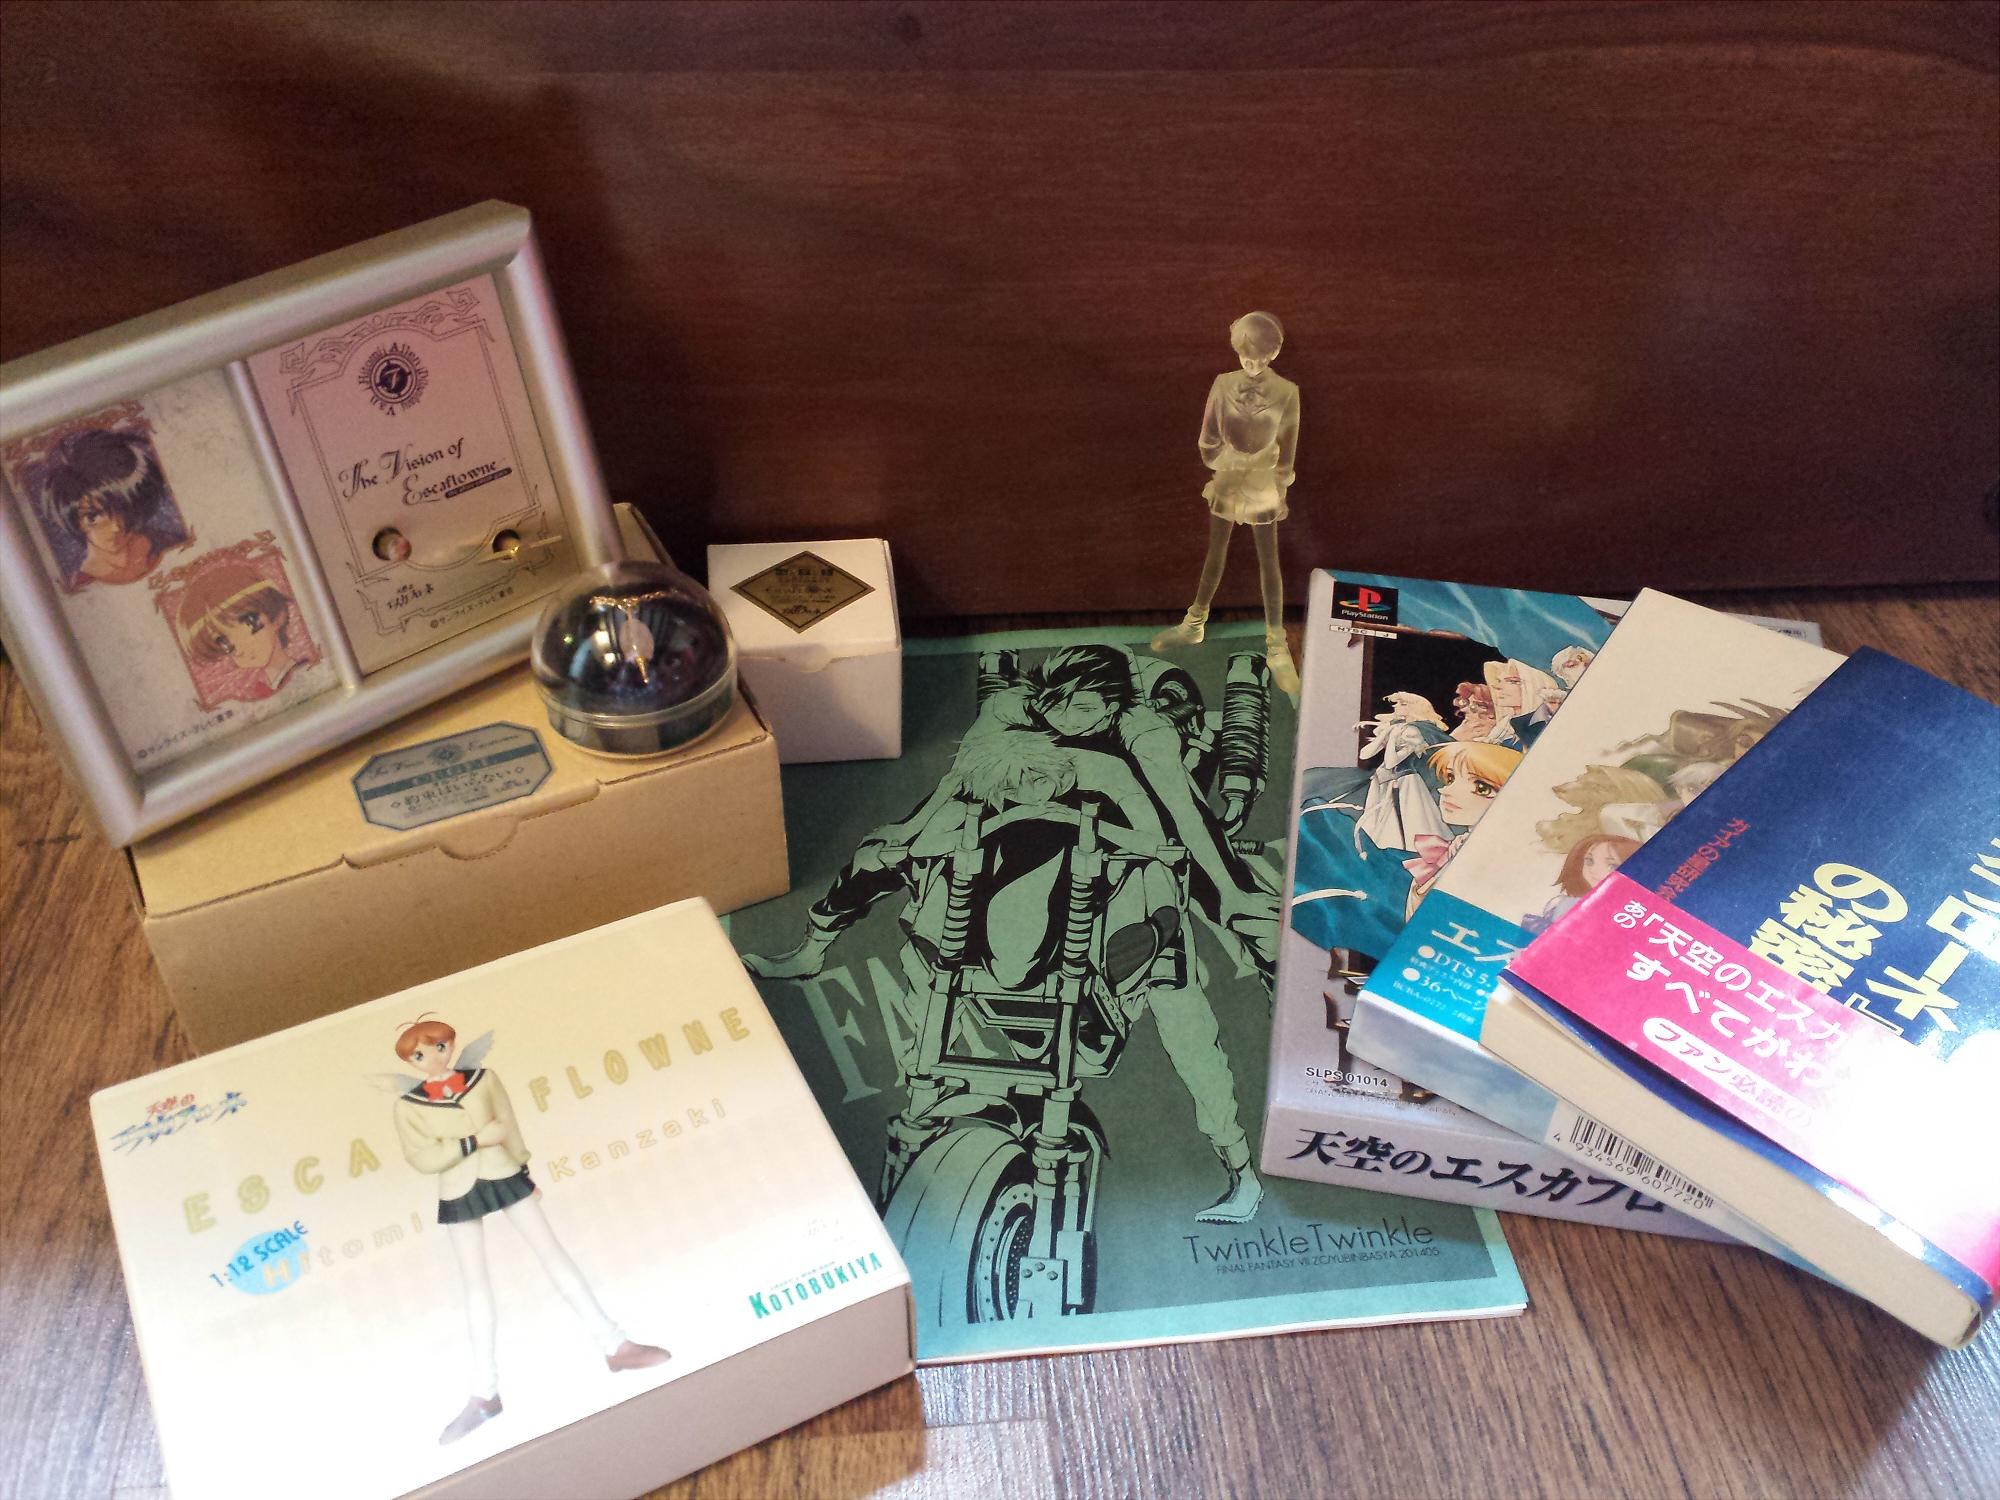 necklace kotobukiya escaflowne bandai dvd music_box movic tenkuu_no_escaflowne kanzaki_hitomi van_fanel kanno_youko ikeda kawamori_shouji ps1_game bandai_visual yuuki_nobuteru data_house